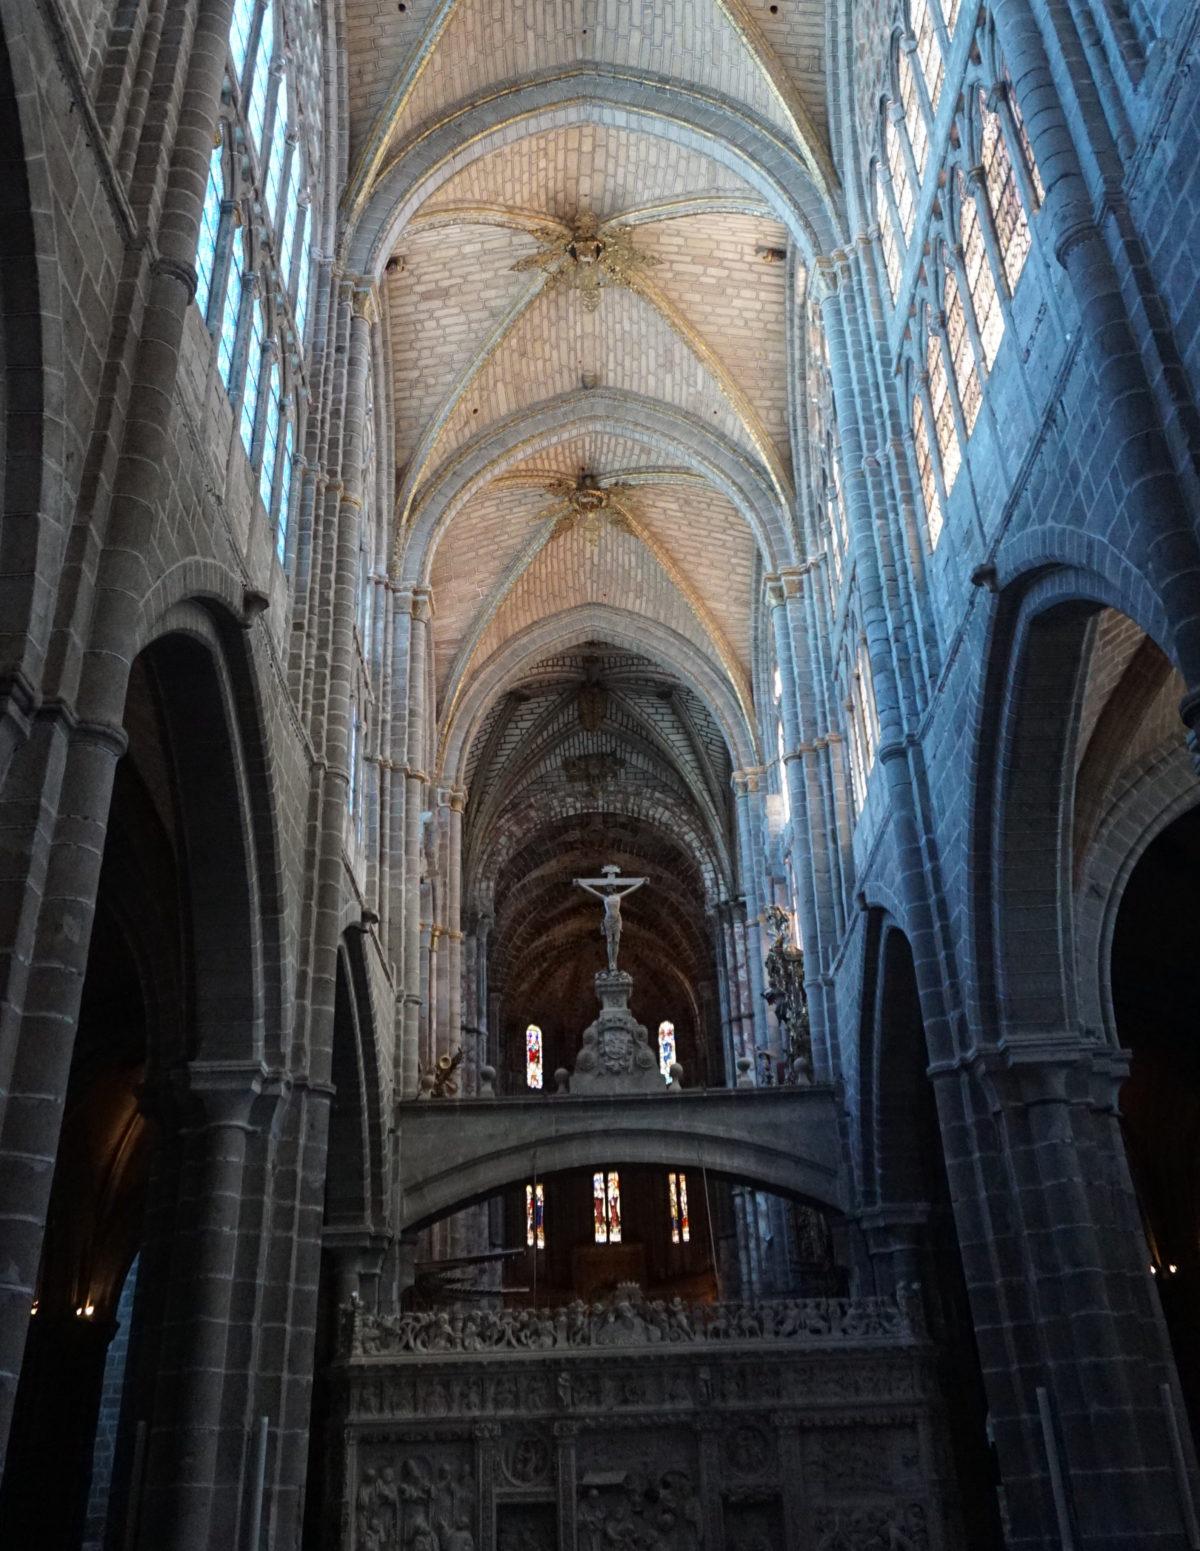 「大聖堂と教会は何が違うんだろう」というカトリックのお話